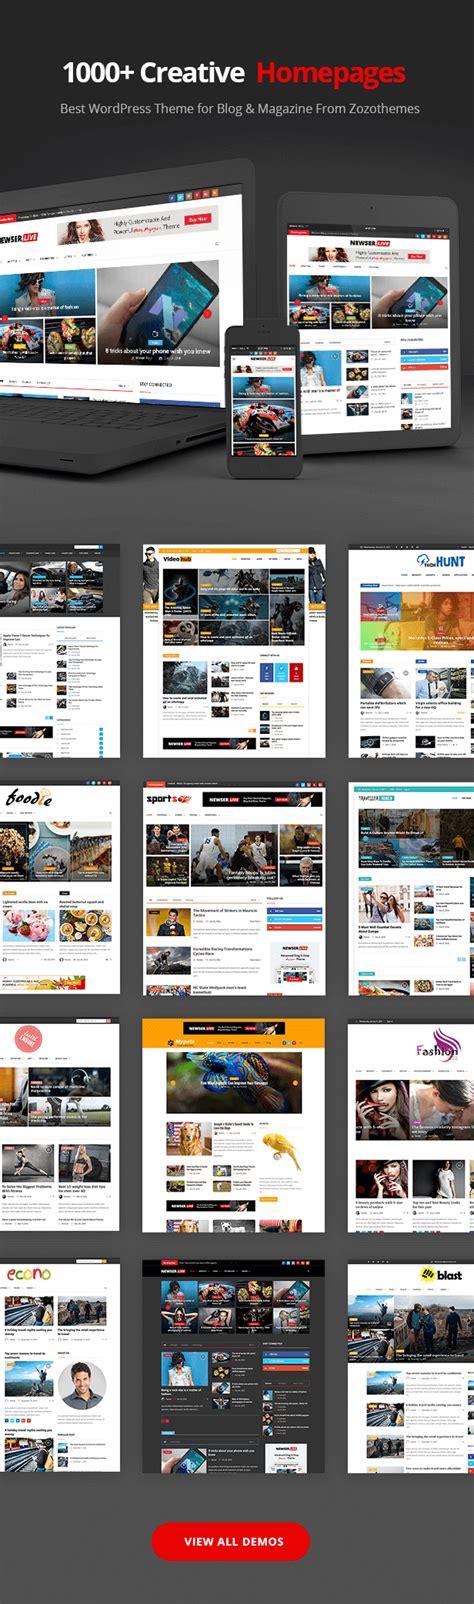 zeitschrift layout word newser die multiuse drag drop news zeitschrift